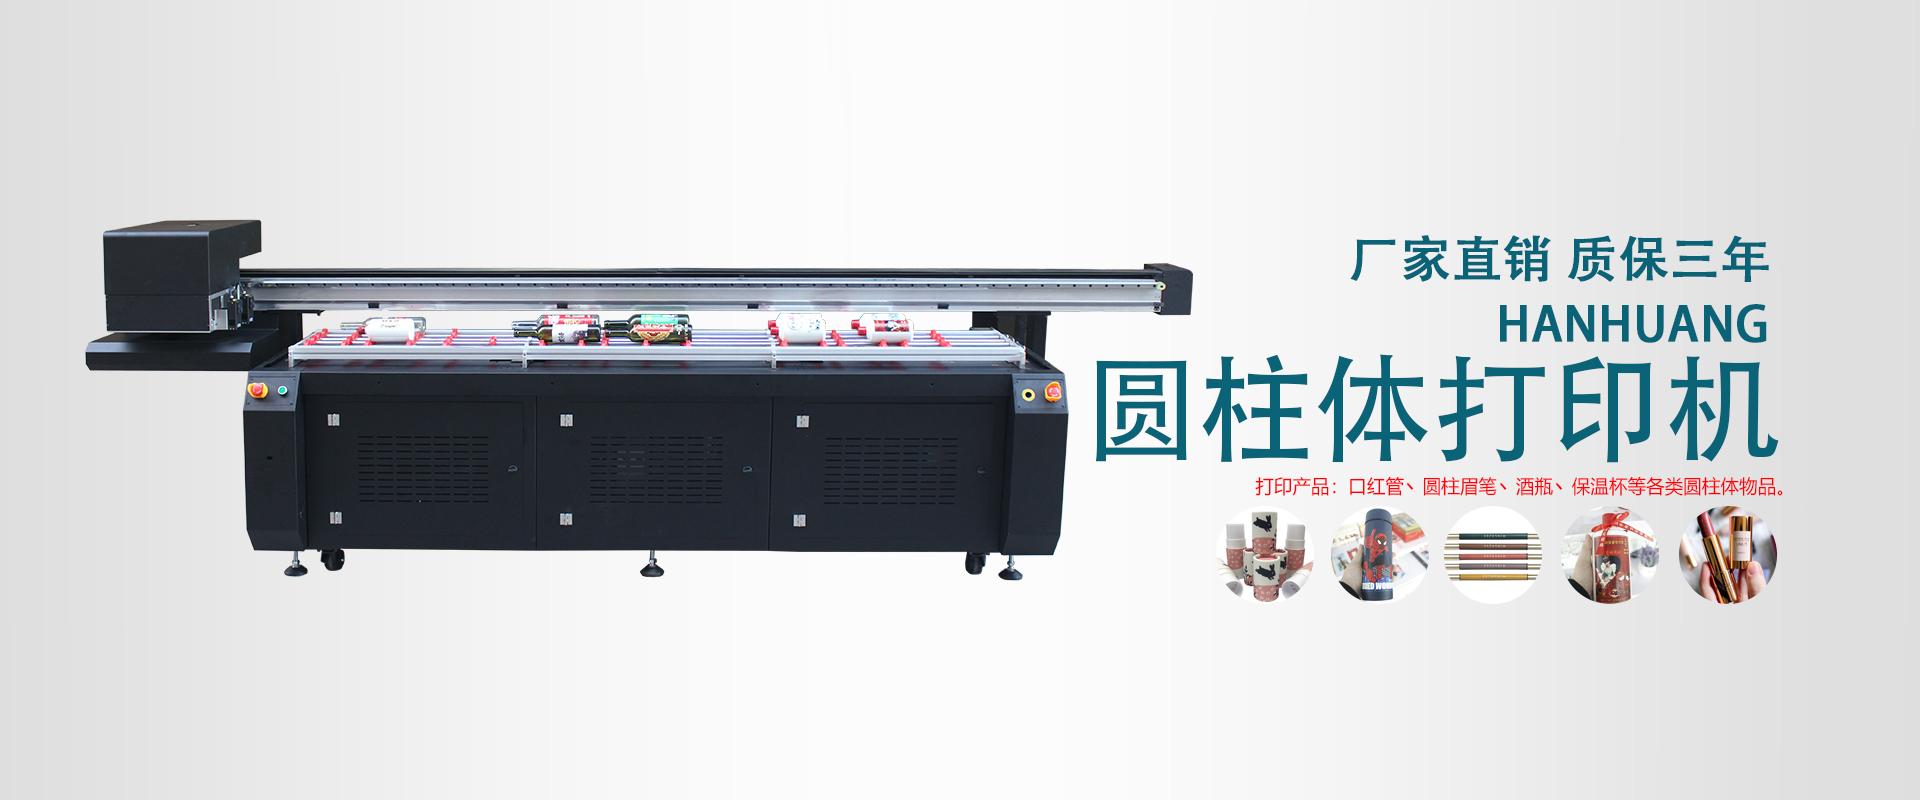 汉皇9060酒瓶打印机